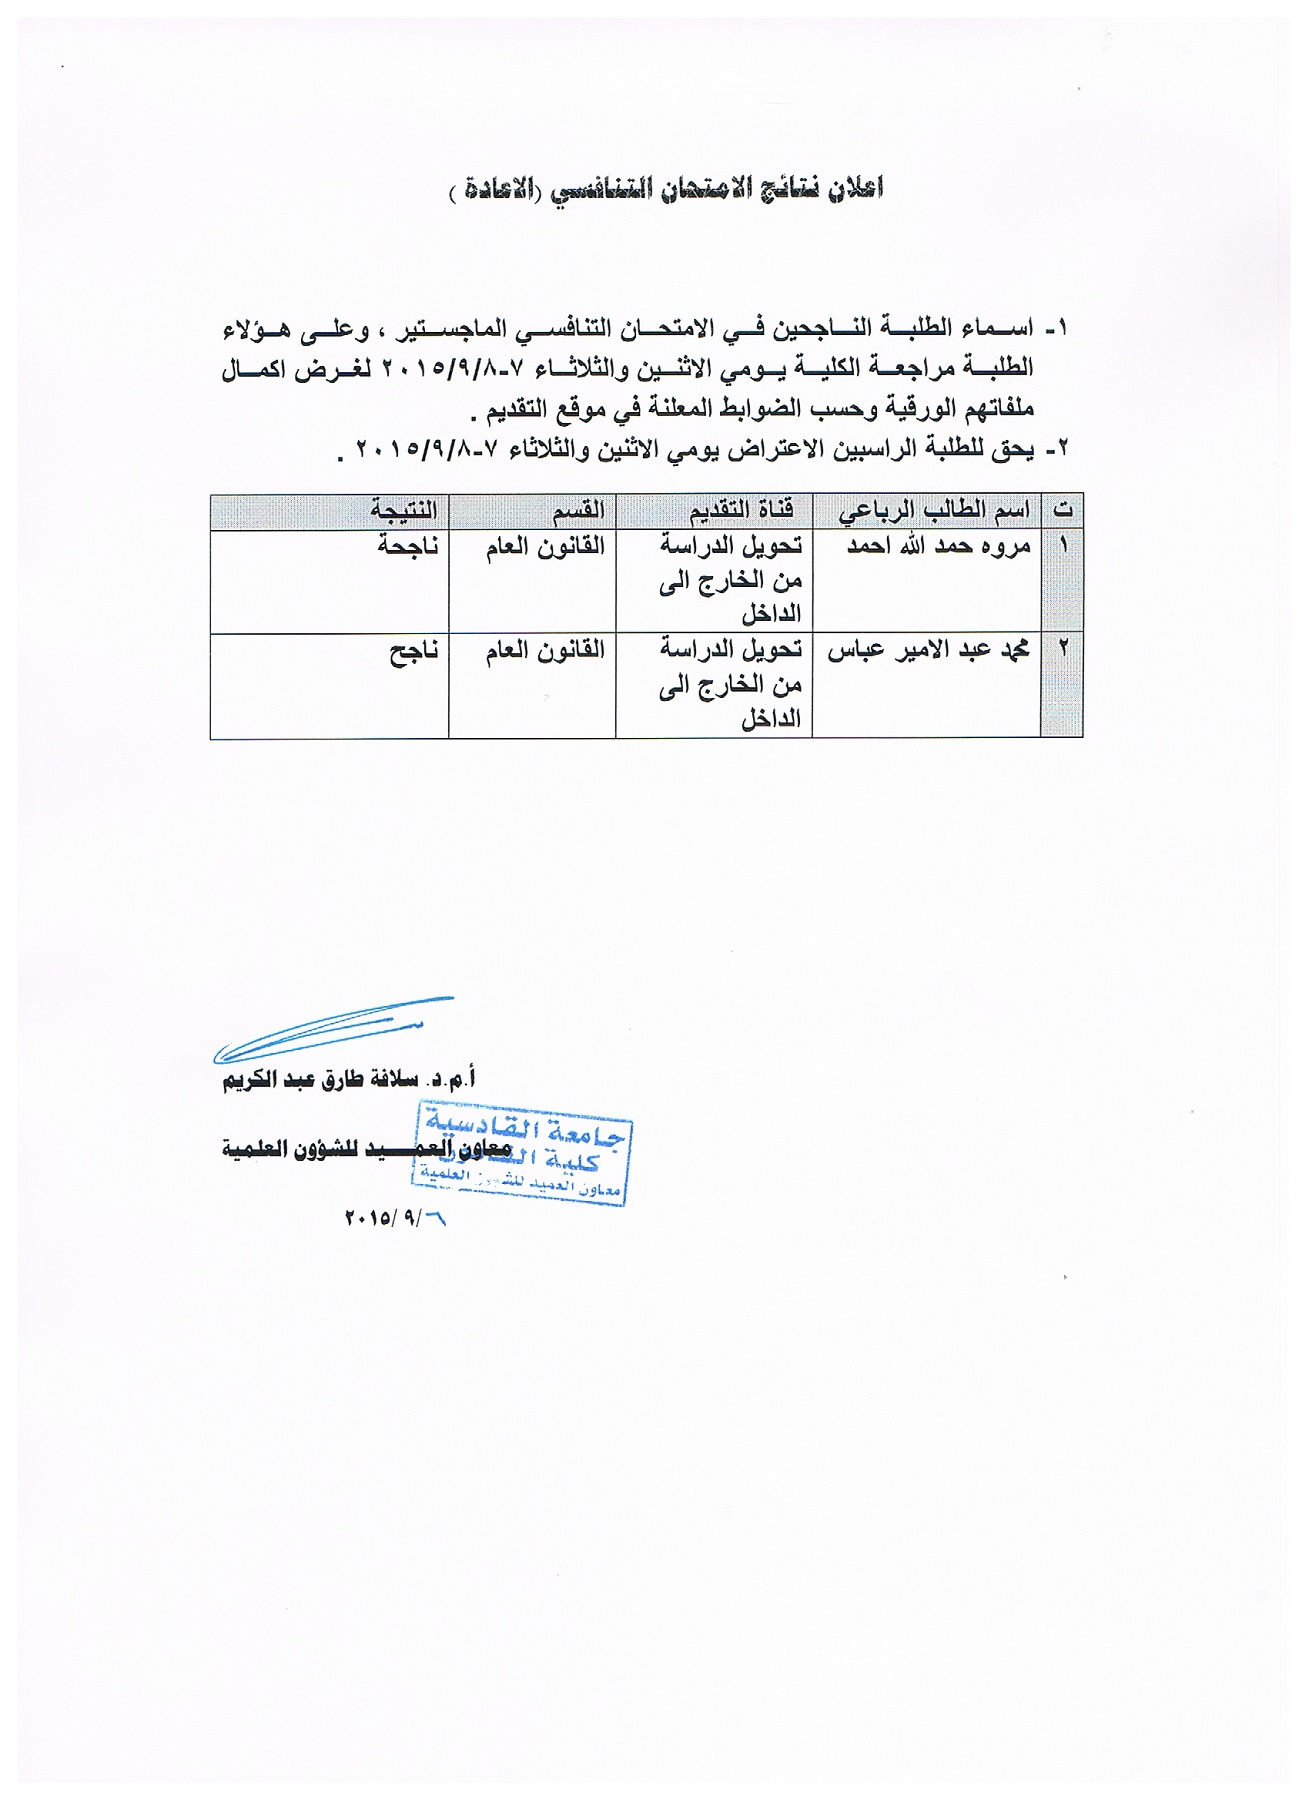 إعلان نتائج الامتحان التنافسي (الاعادة)